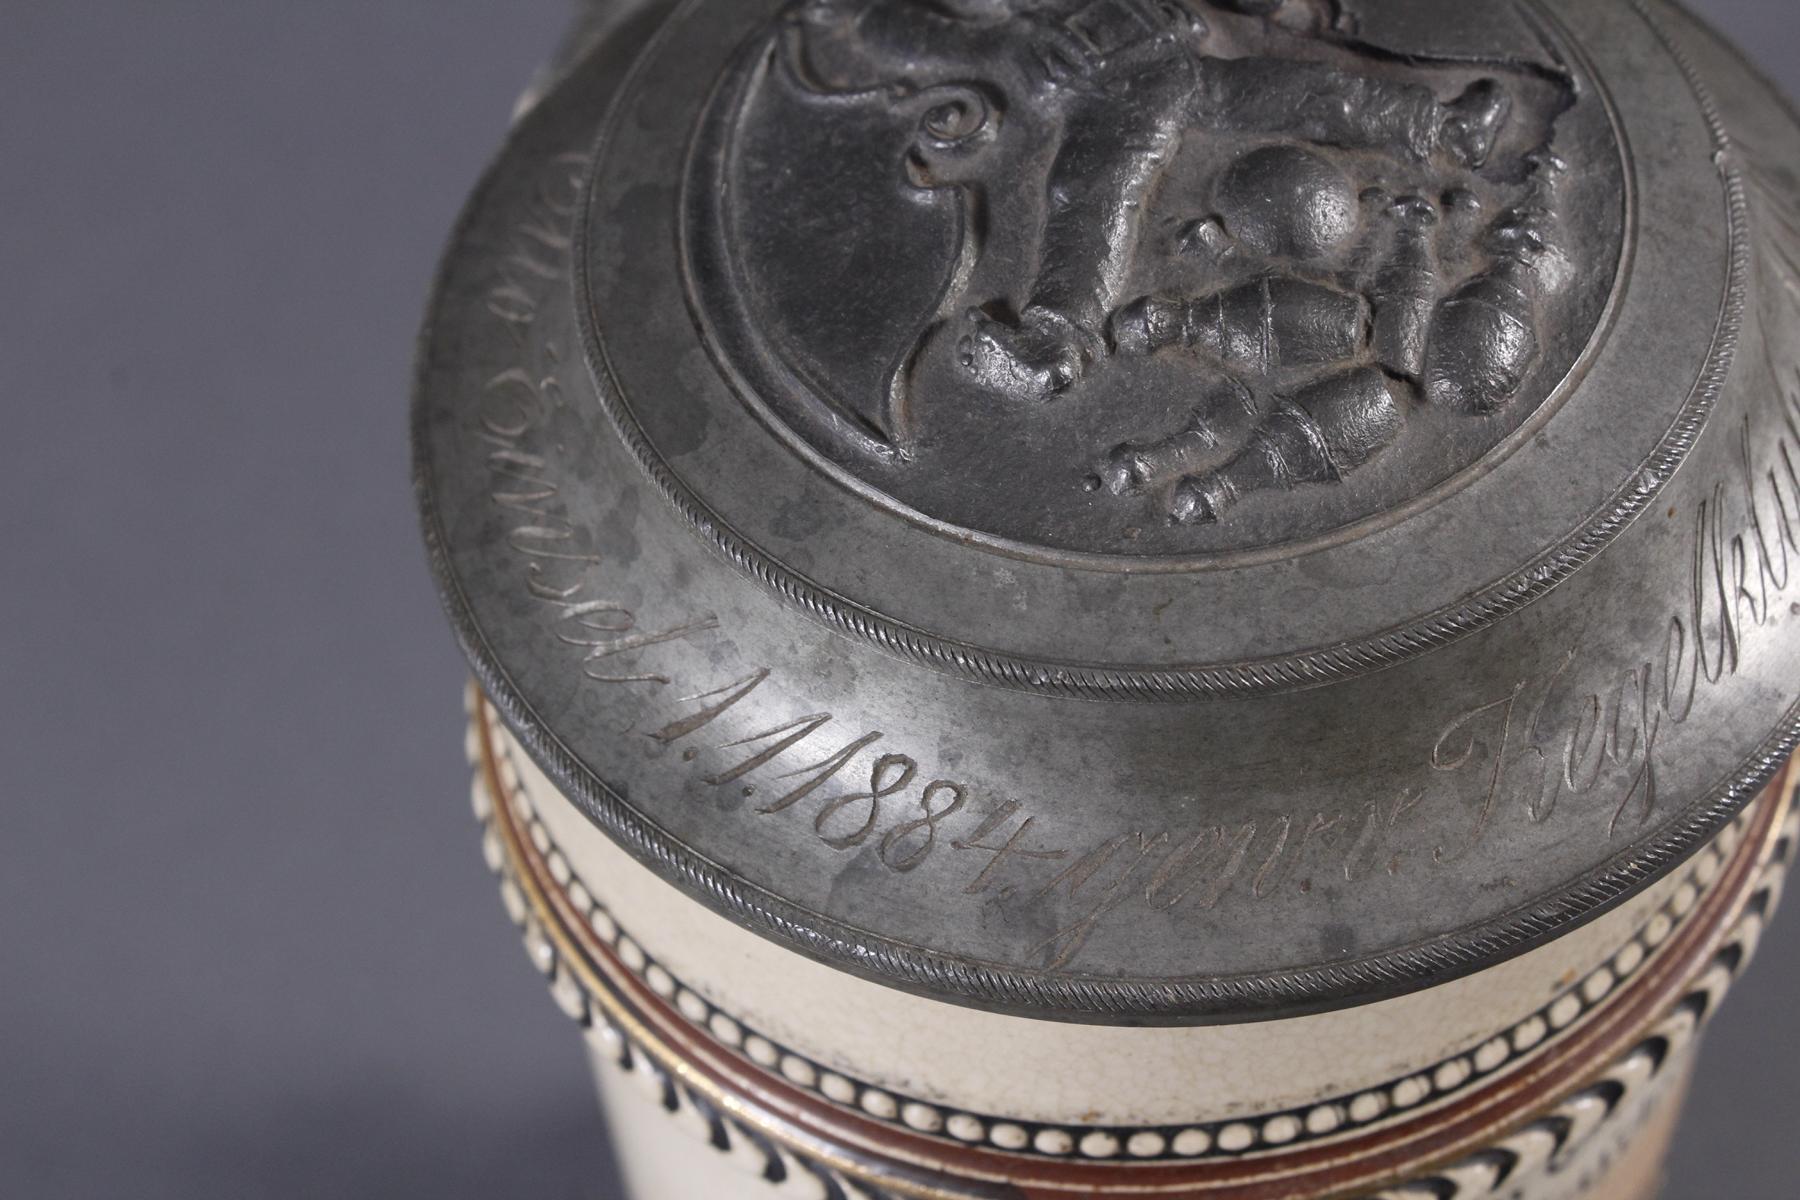 2 Keramikkrüge um 1900, Kegeln und Gewerbeausstellung-5